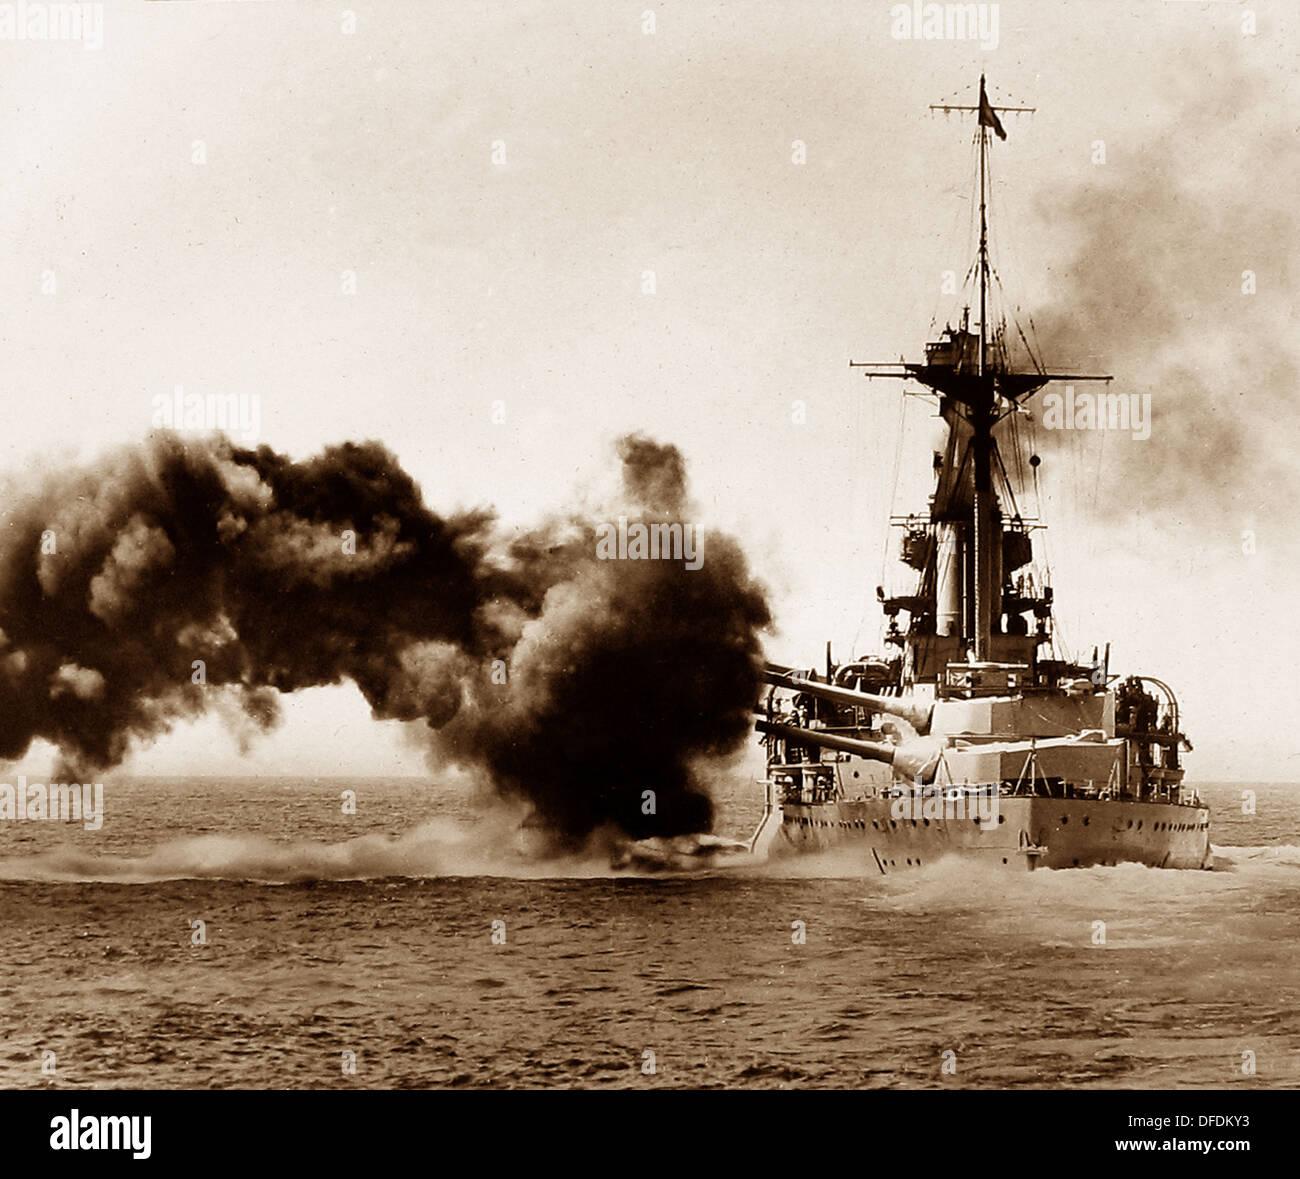 El acorazado británico disparando una acometida durante WW1 Imagen De Stock